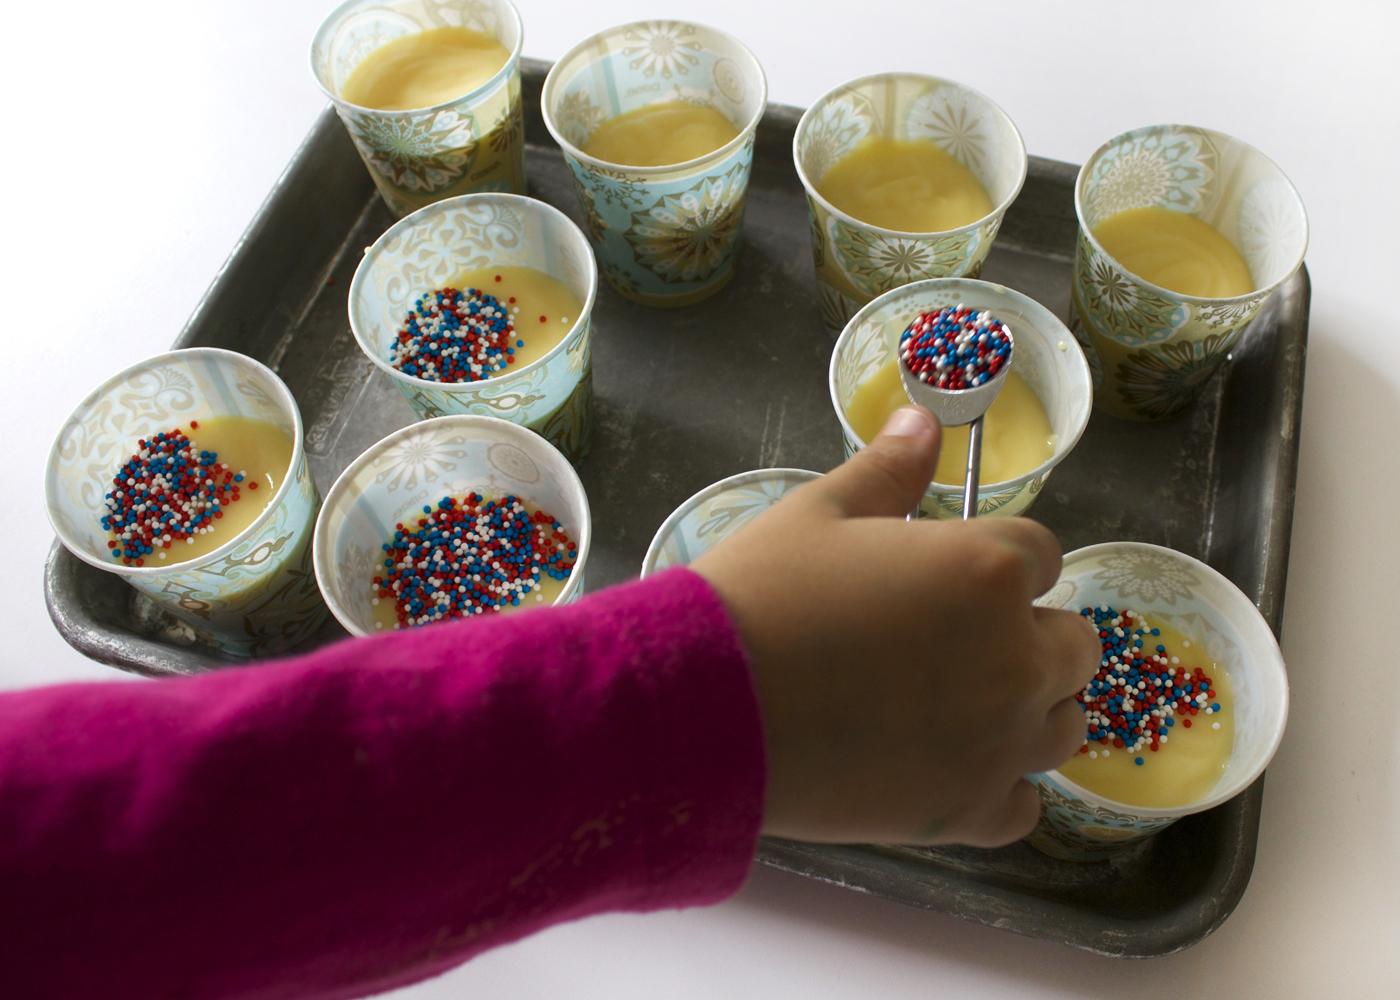 add 1/2 teaspoon of sprinkles per cup